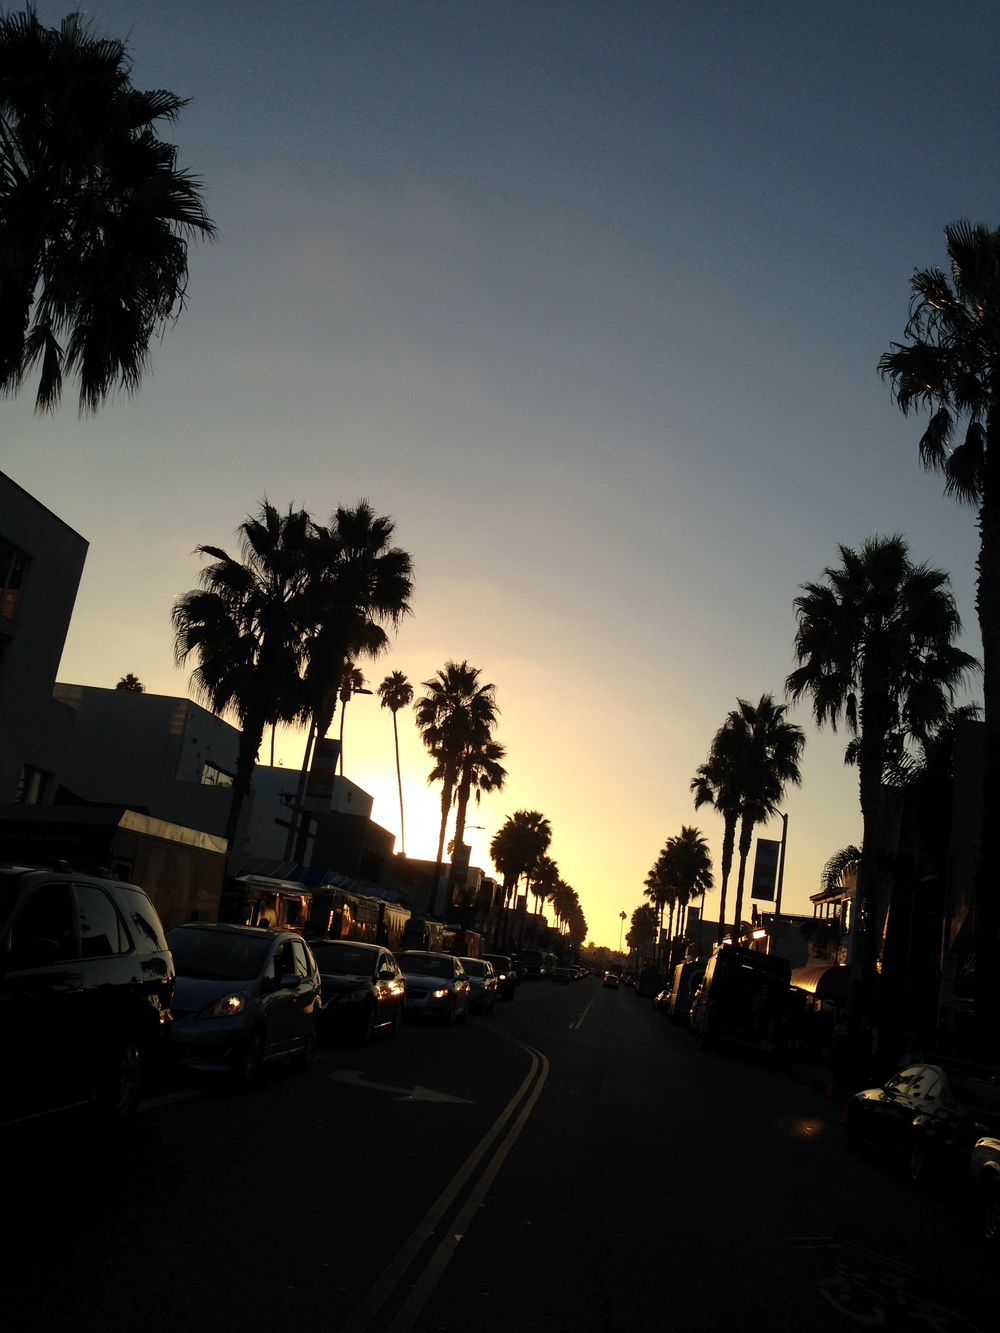 Venice, CA, 9/5/14